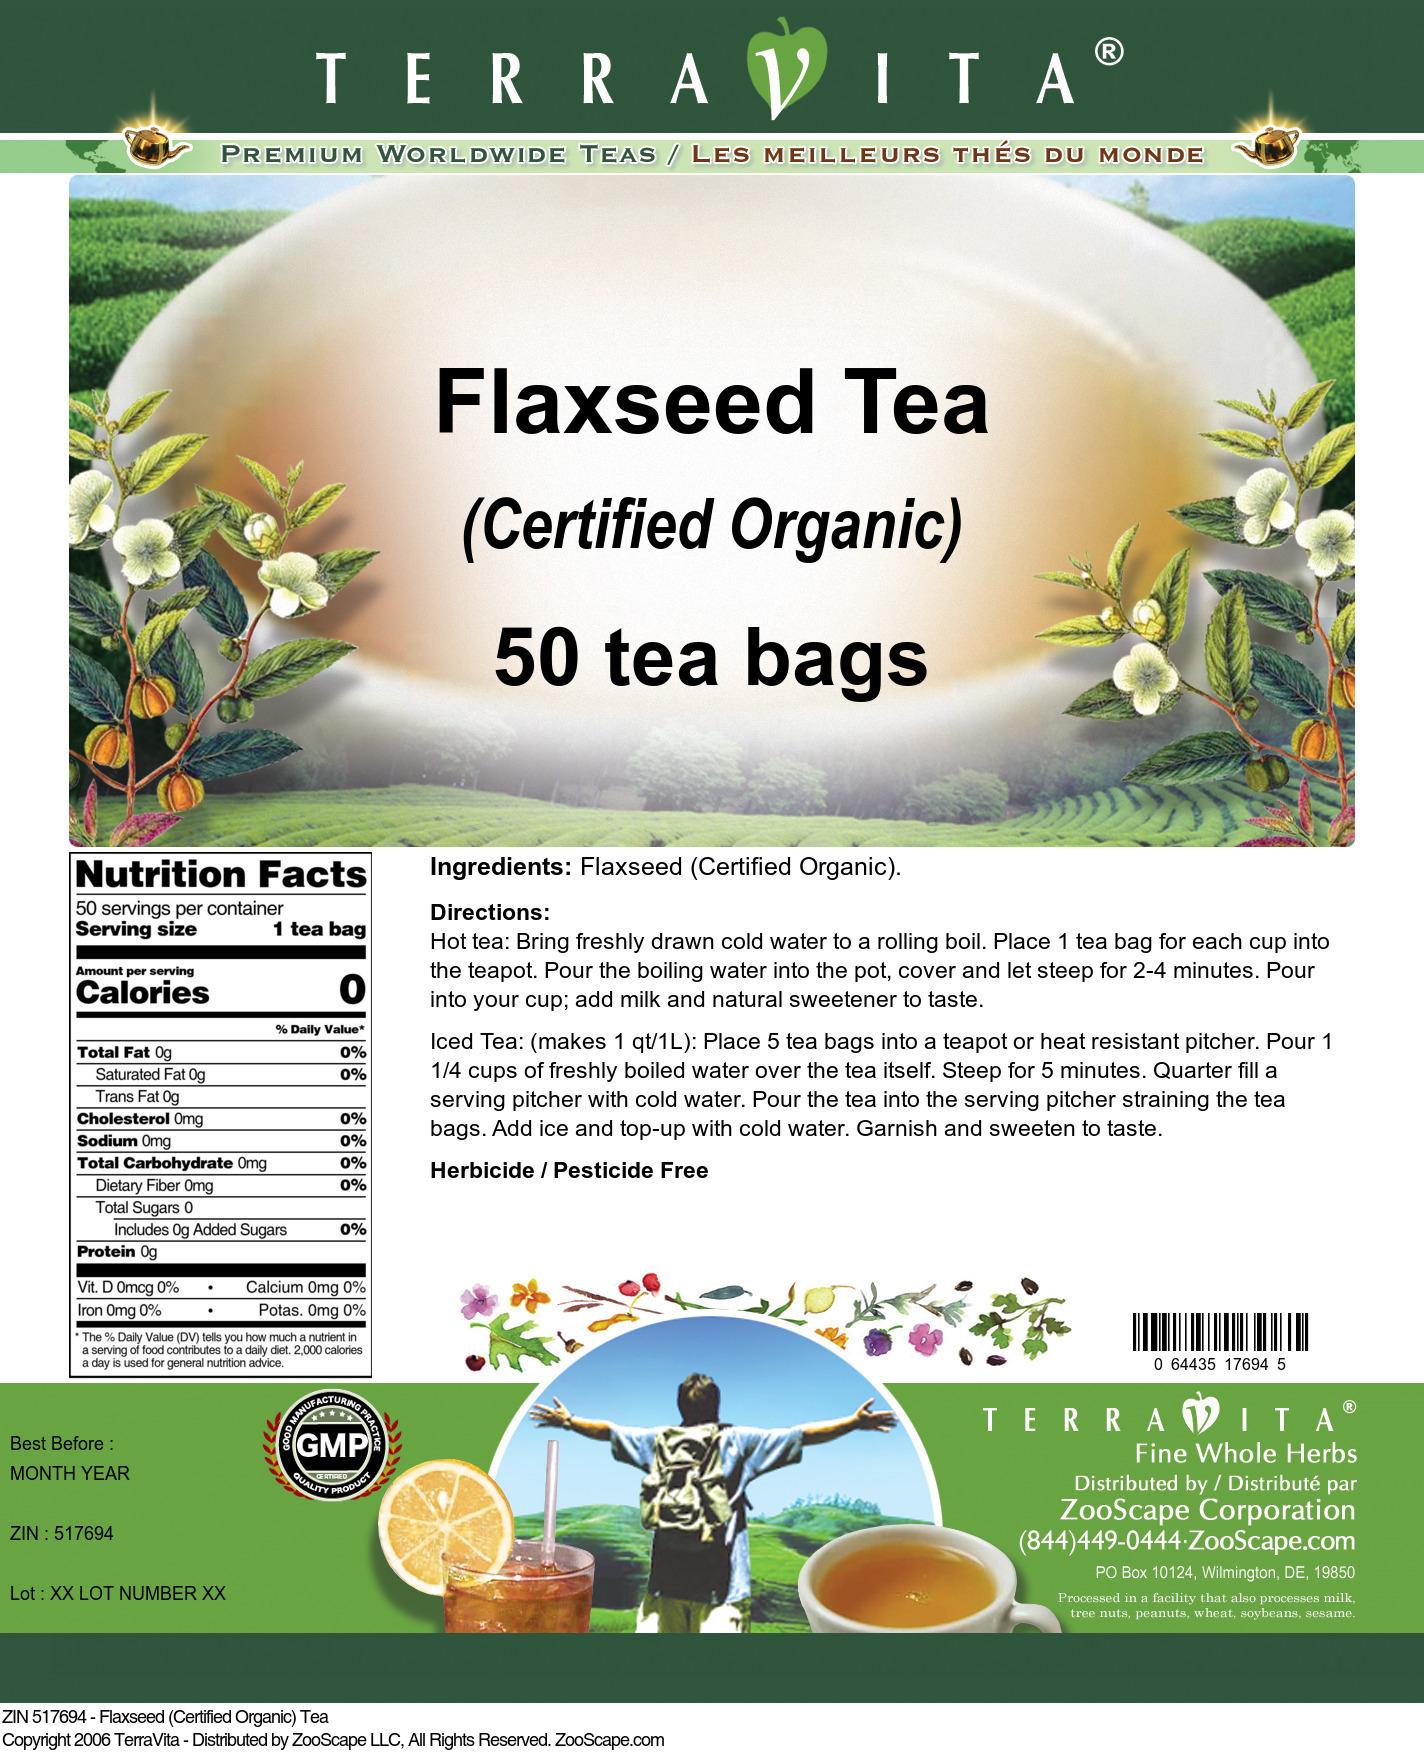 Flaxseed (Certified Organic) Tea